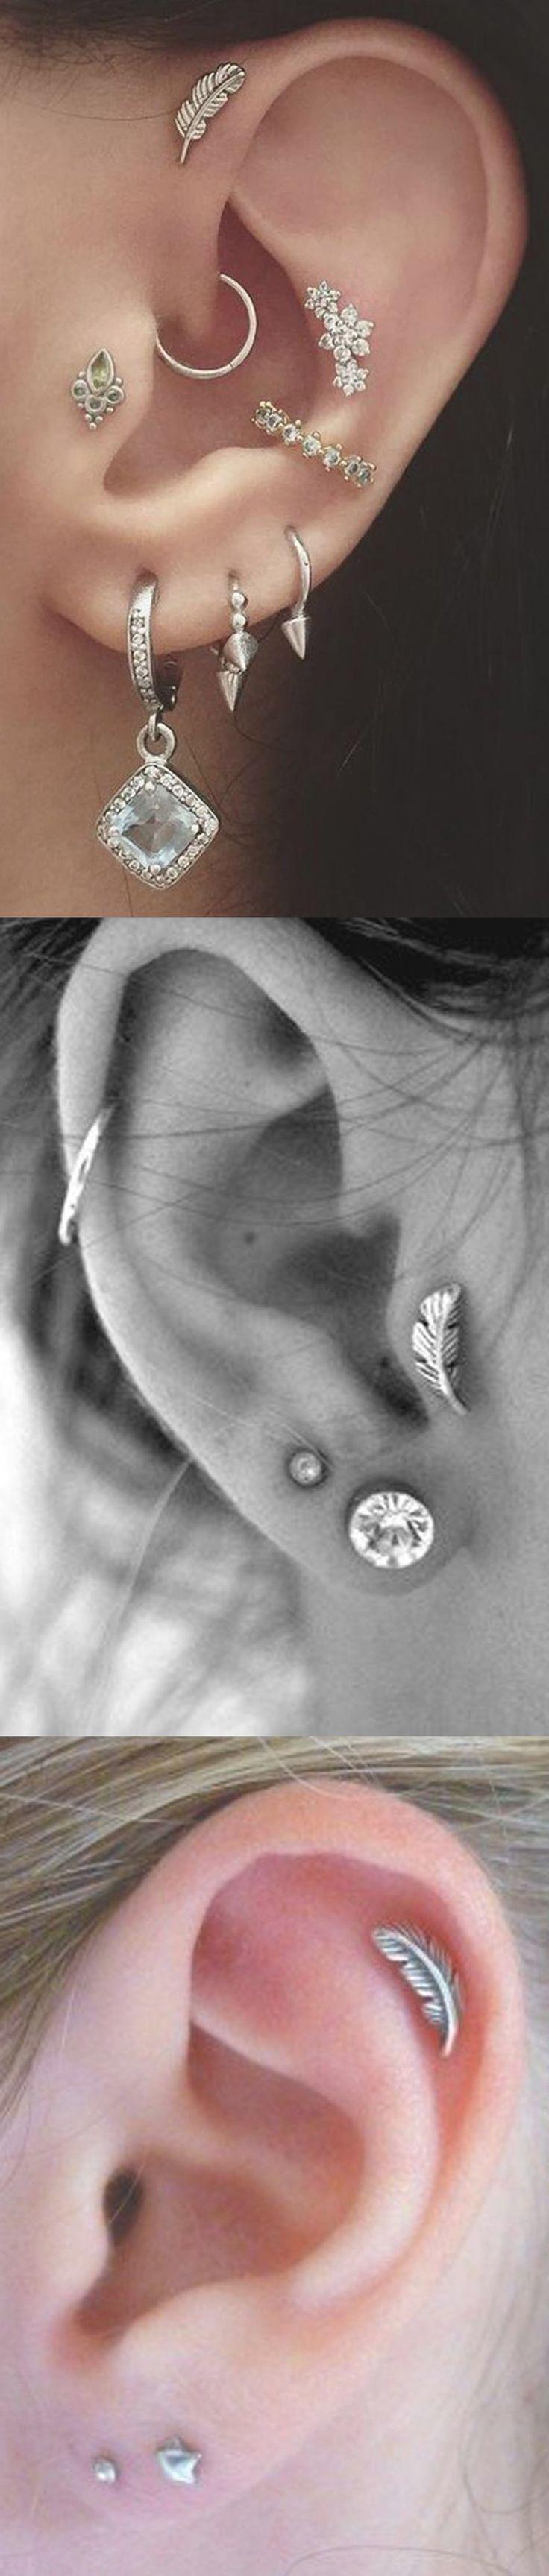 Anello fatto a mano filo Setto Body Jewelry Non Piercing Fake Piercing al naso 4 Colori UK